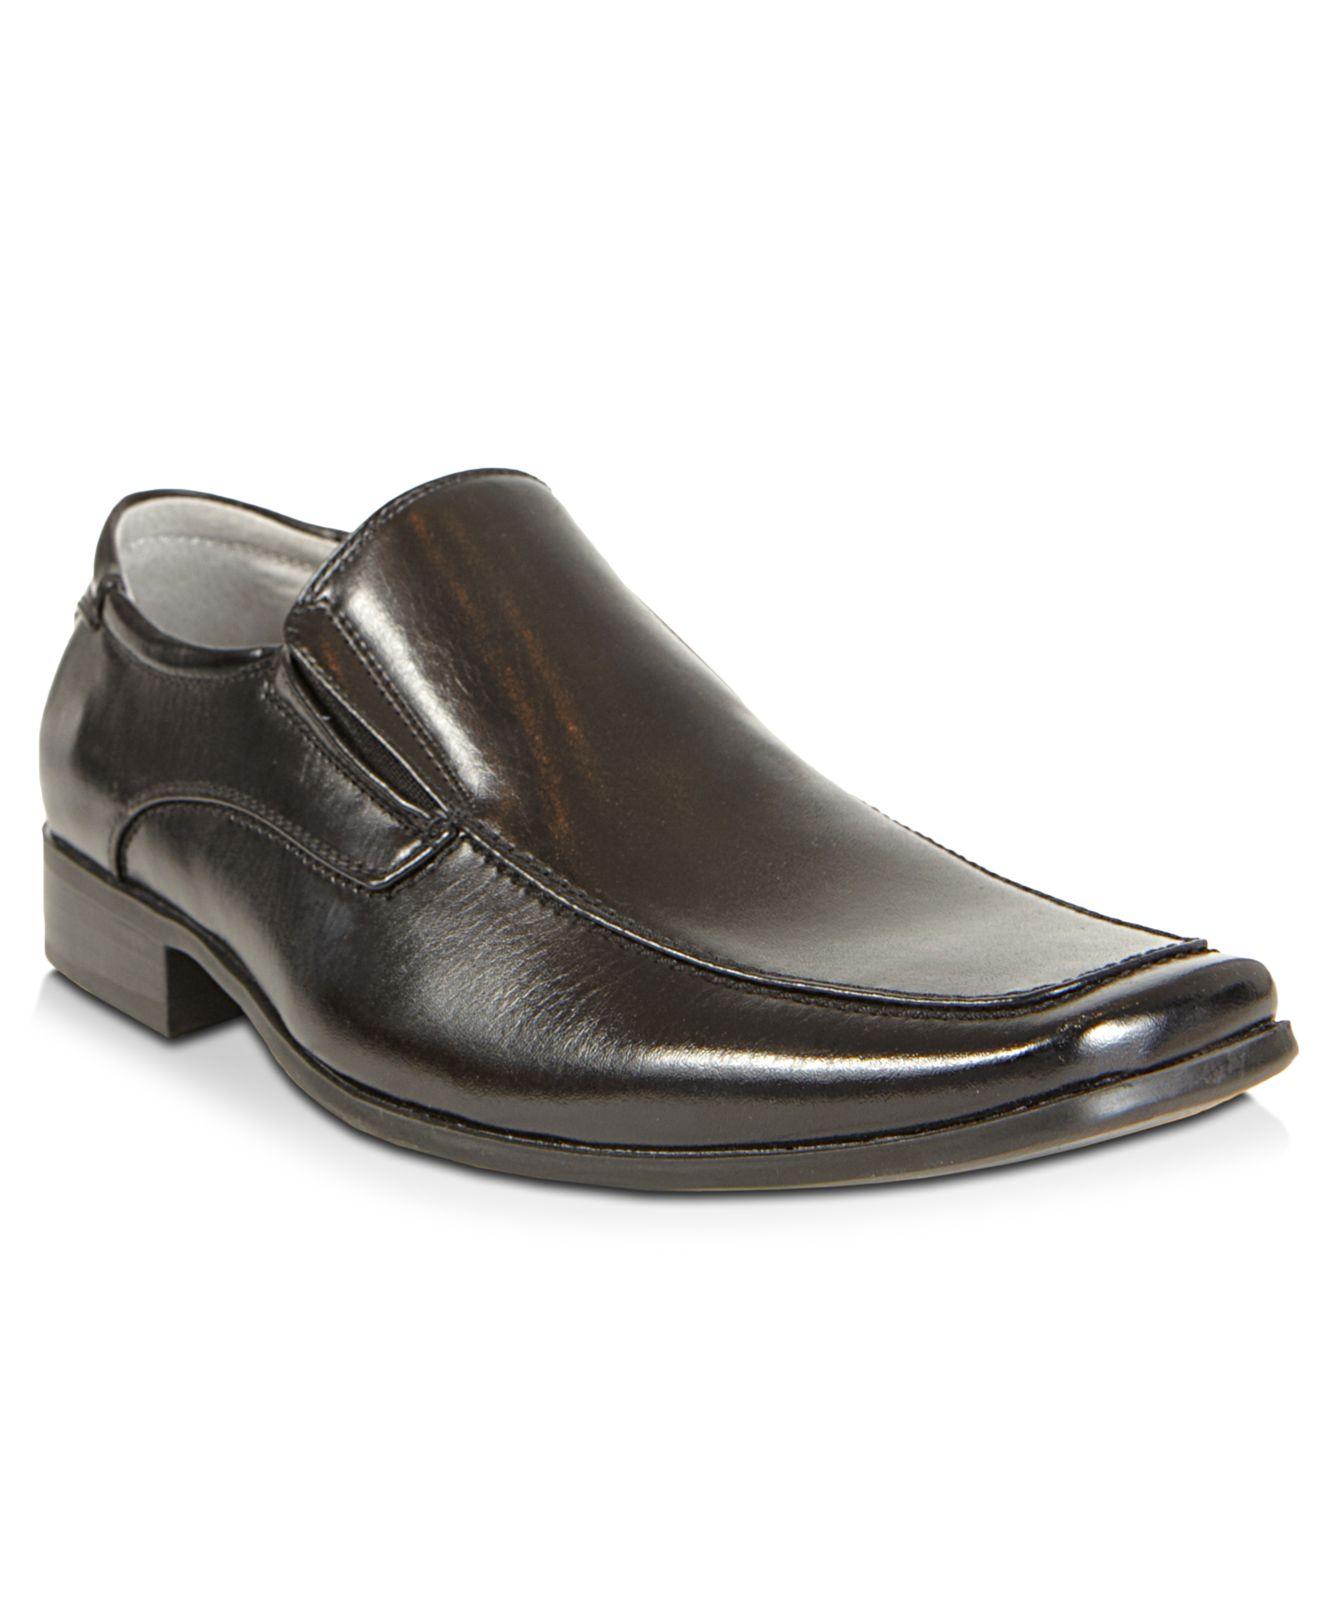 Steve Madden Madden Expo Slip On Dress Loafers In Black